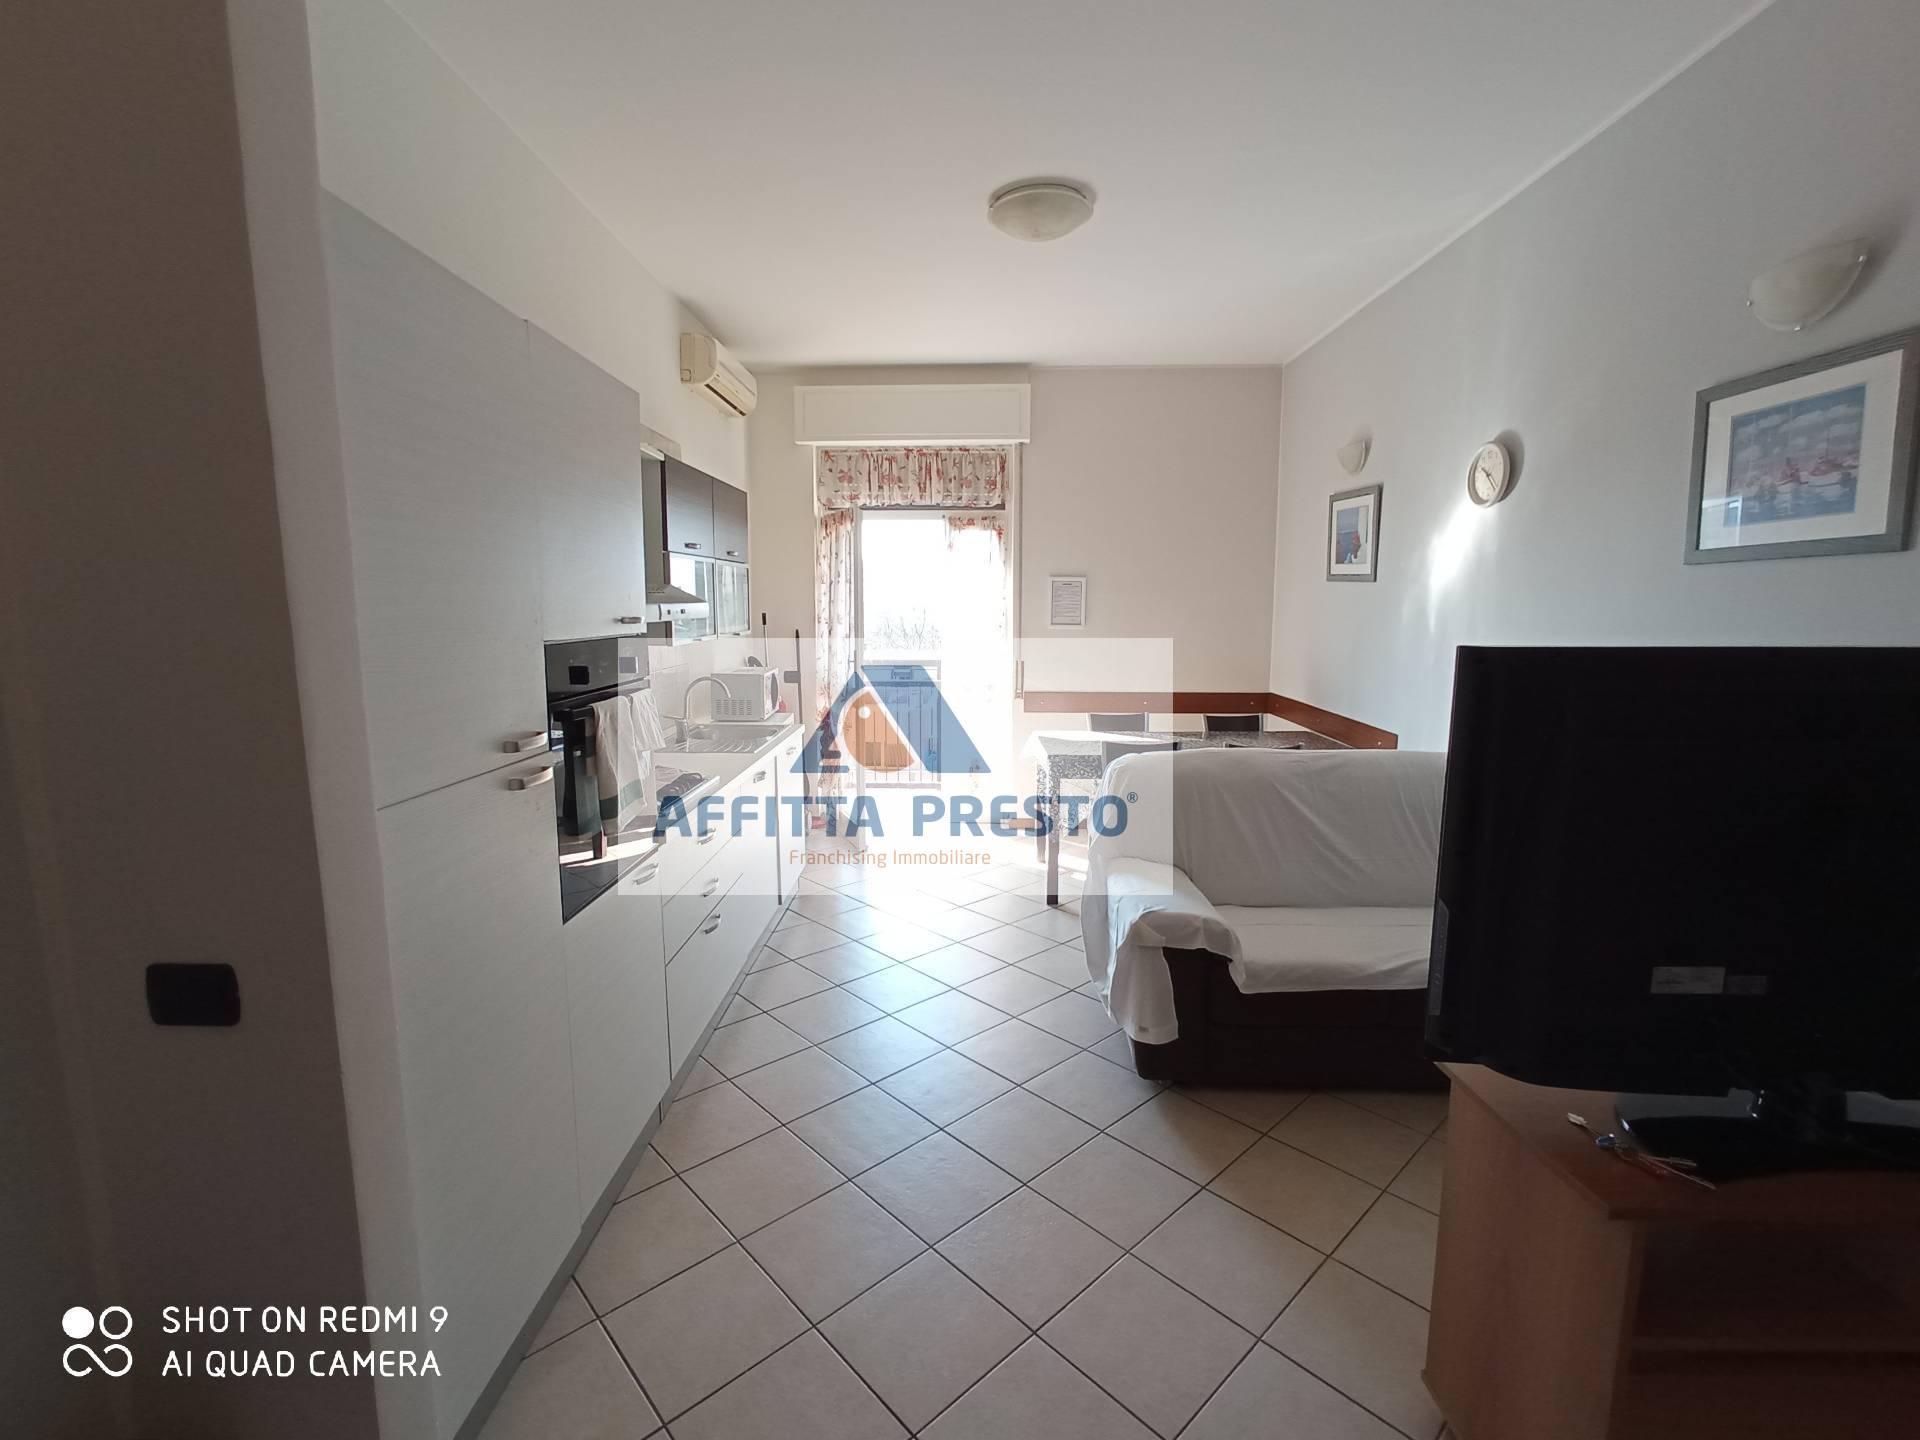 Appartamento in affitto a Monza, 3 locali, prezzo € 1.200 | CambioCasa.it